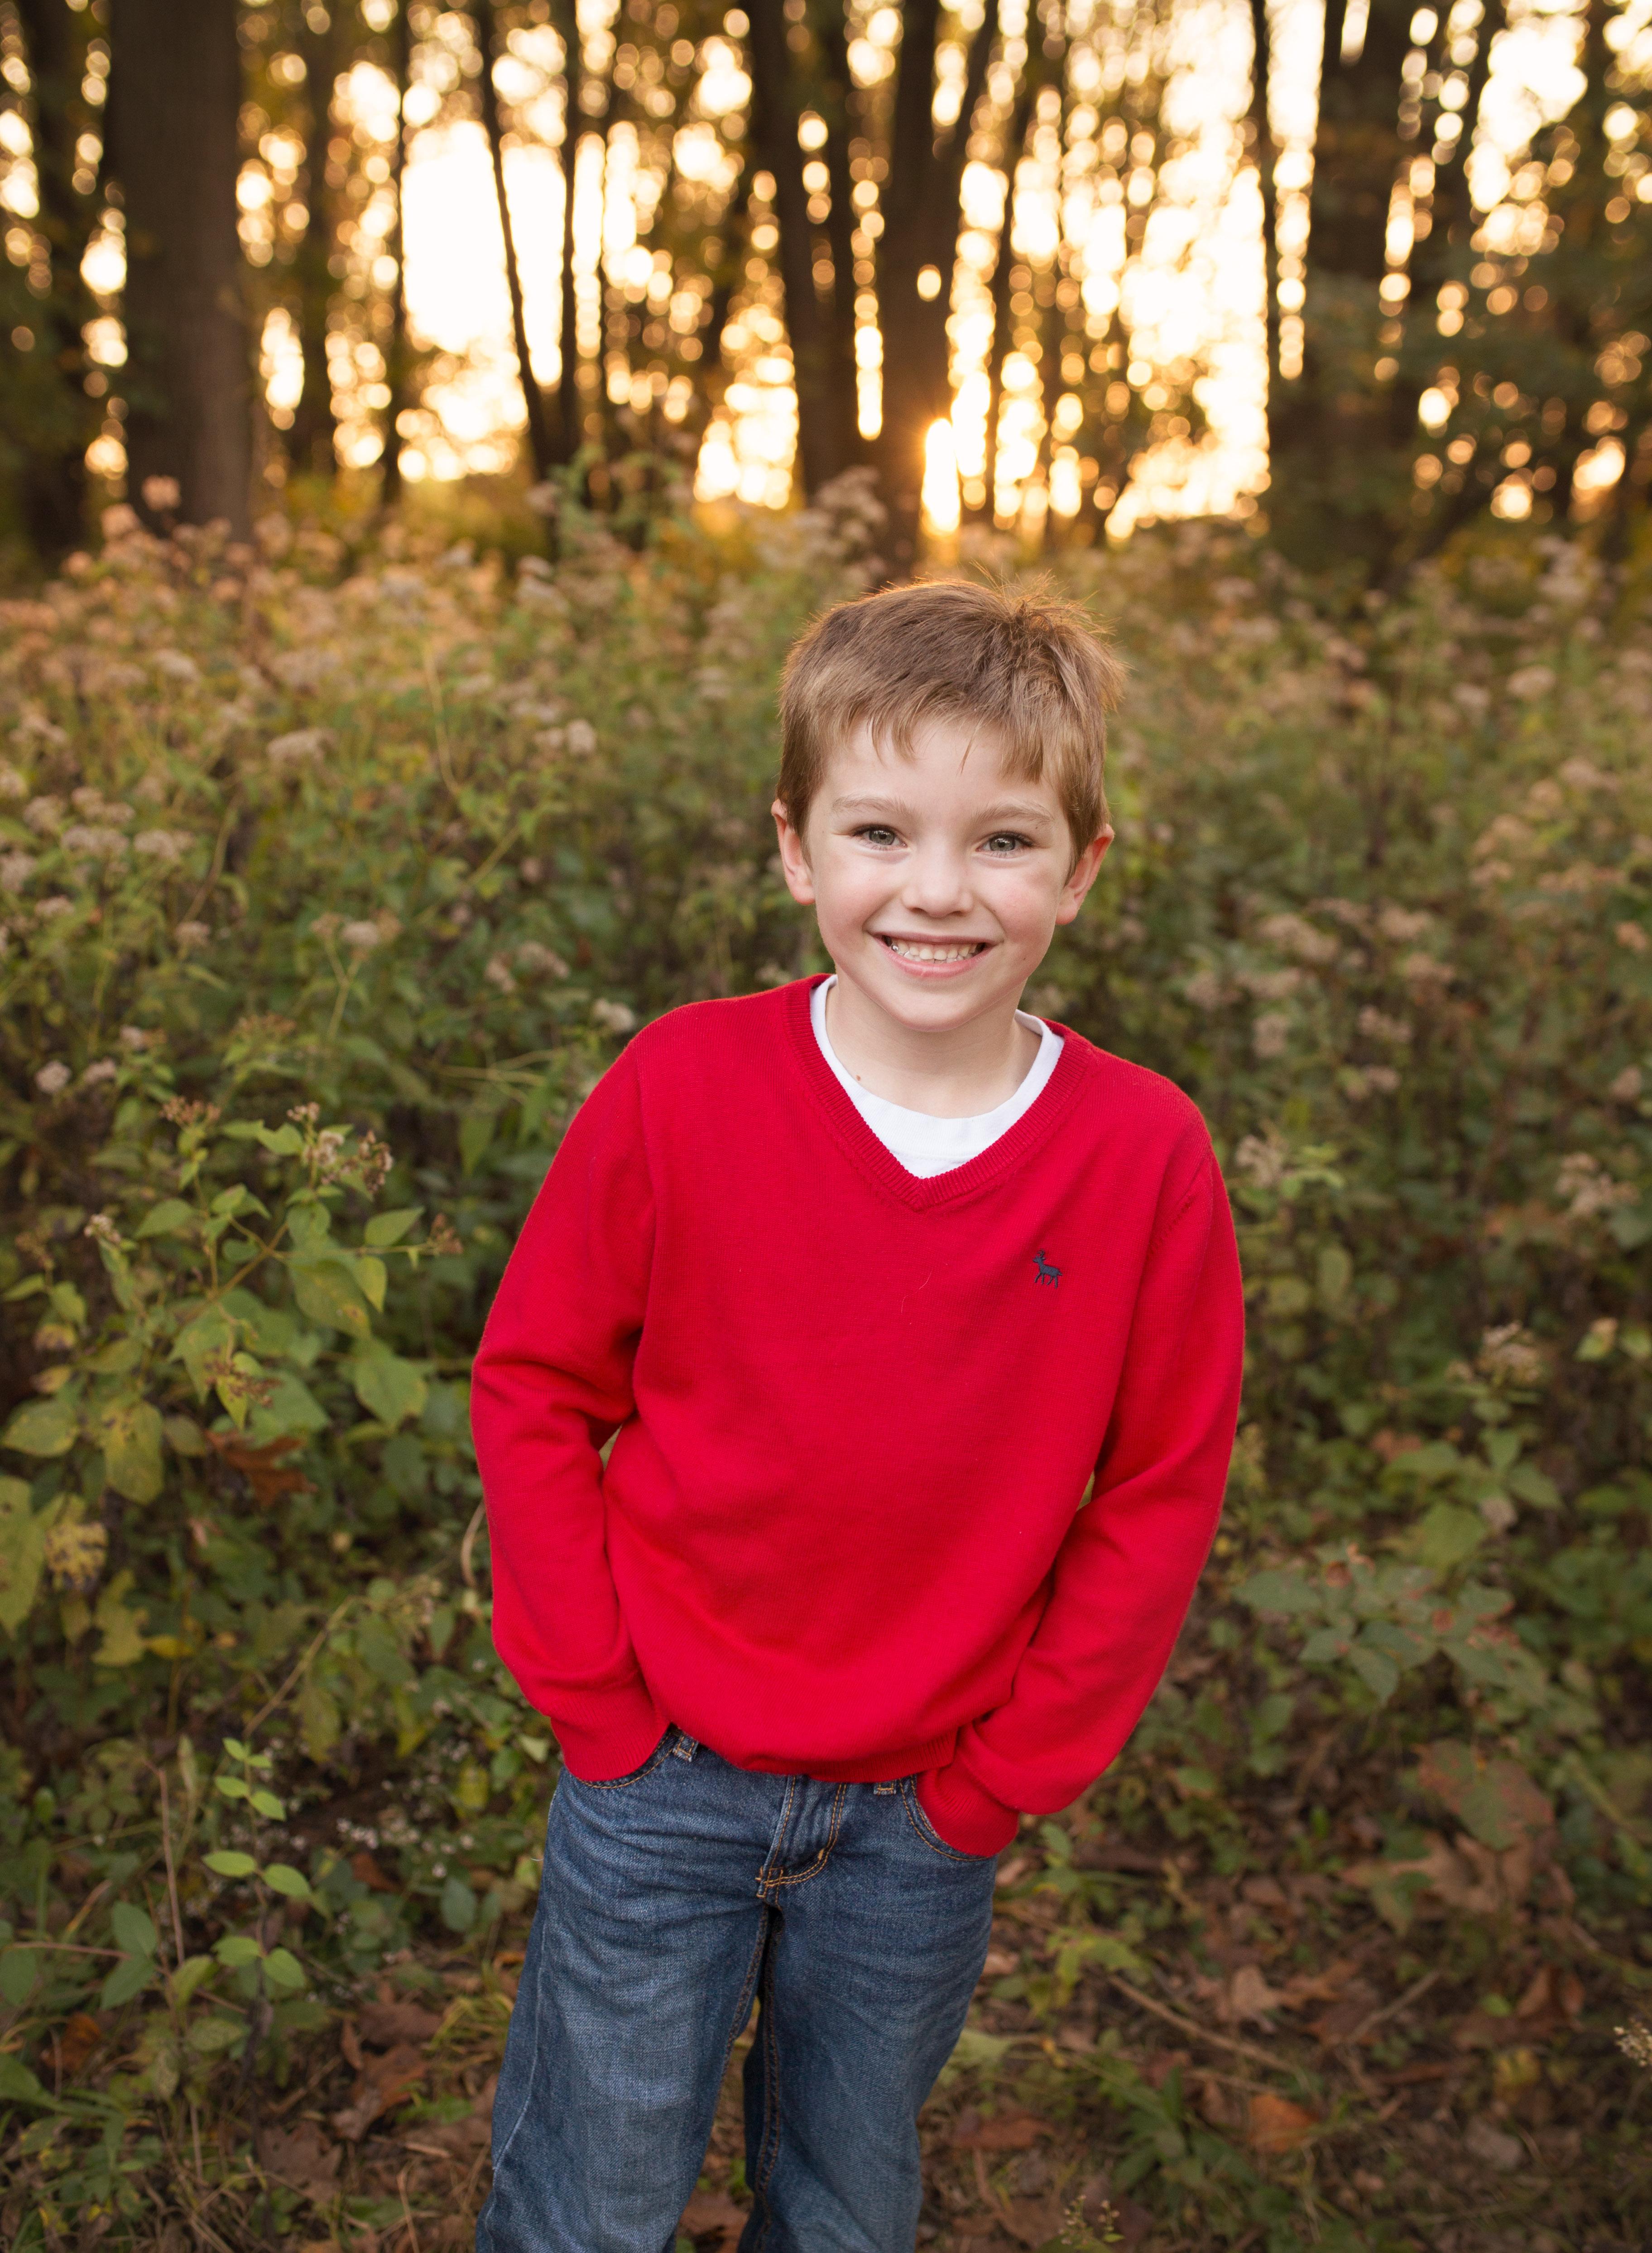 Children Portraits Gallery by Lauren Tomten Photography